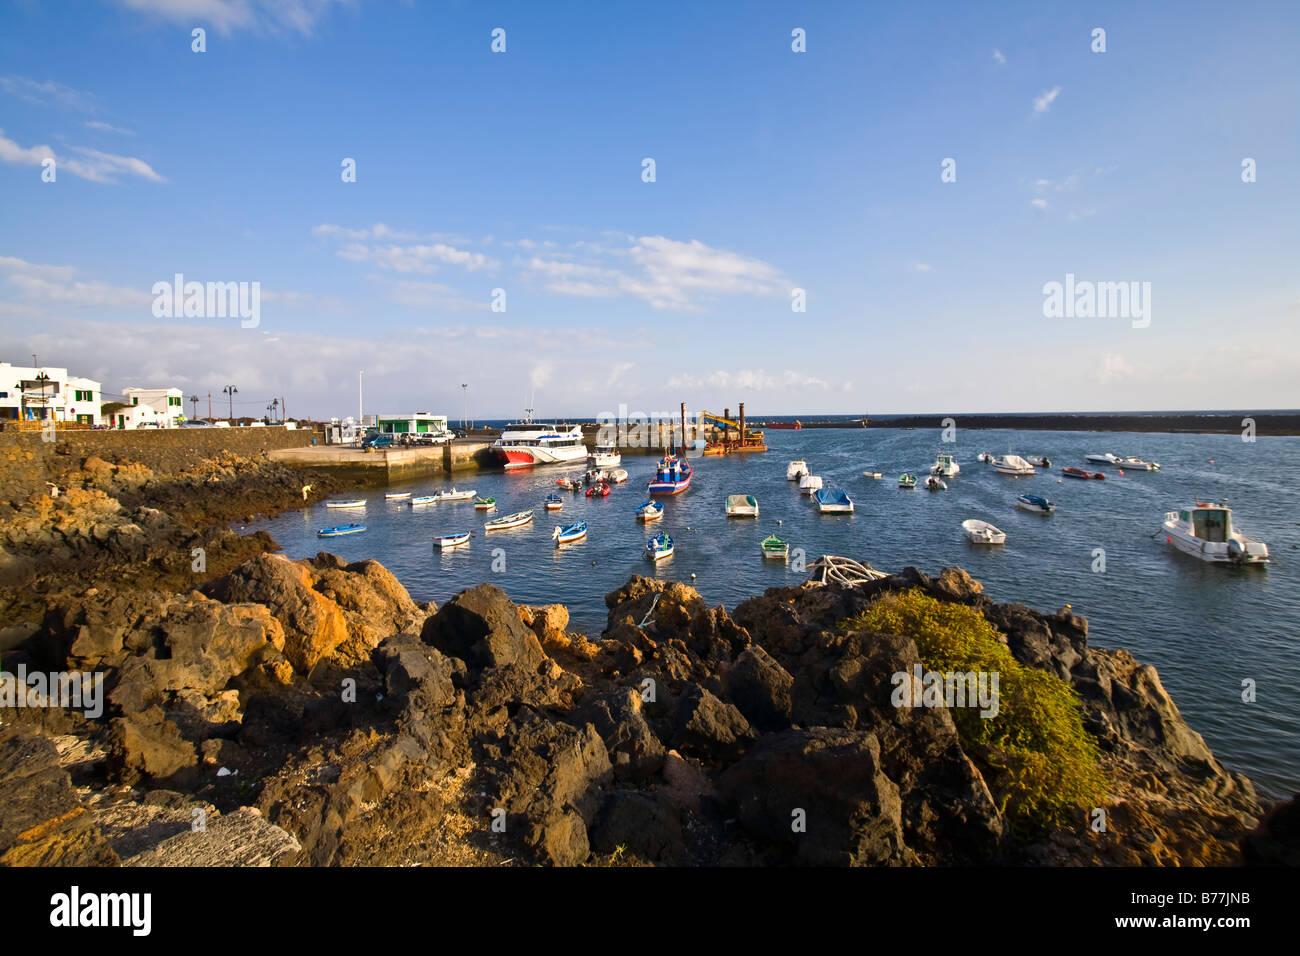 Orzola Hafen Hafen Hafen Schiffe Boote Fähre Angeln Lanzarote-Kanaren-Kanarische Inseln-Spanien-Europa Reisen Stockbild